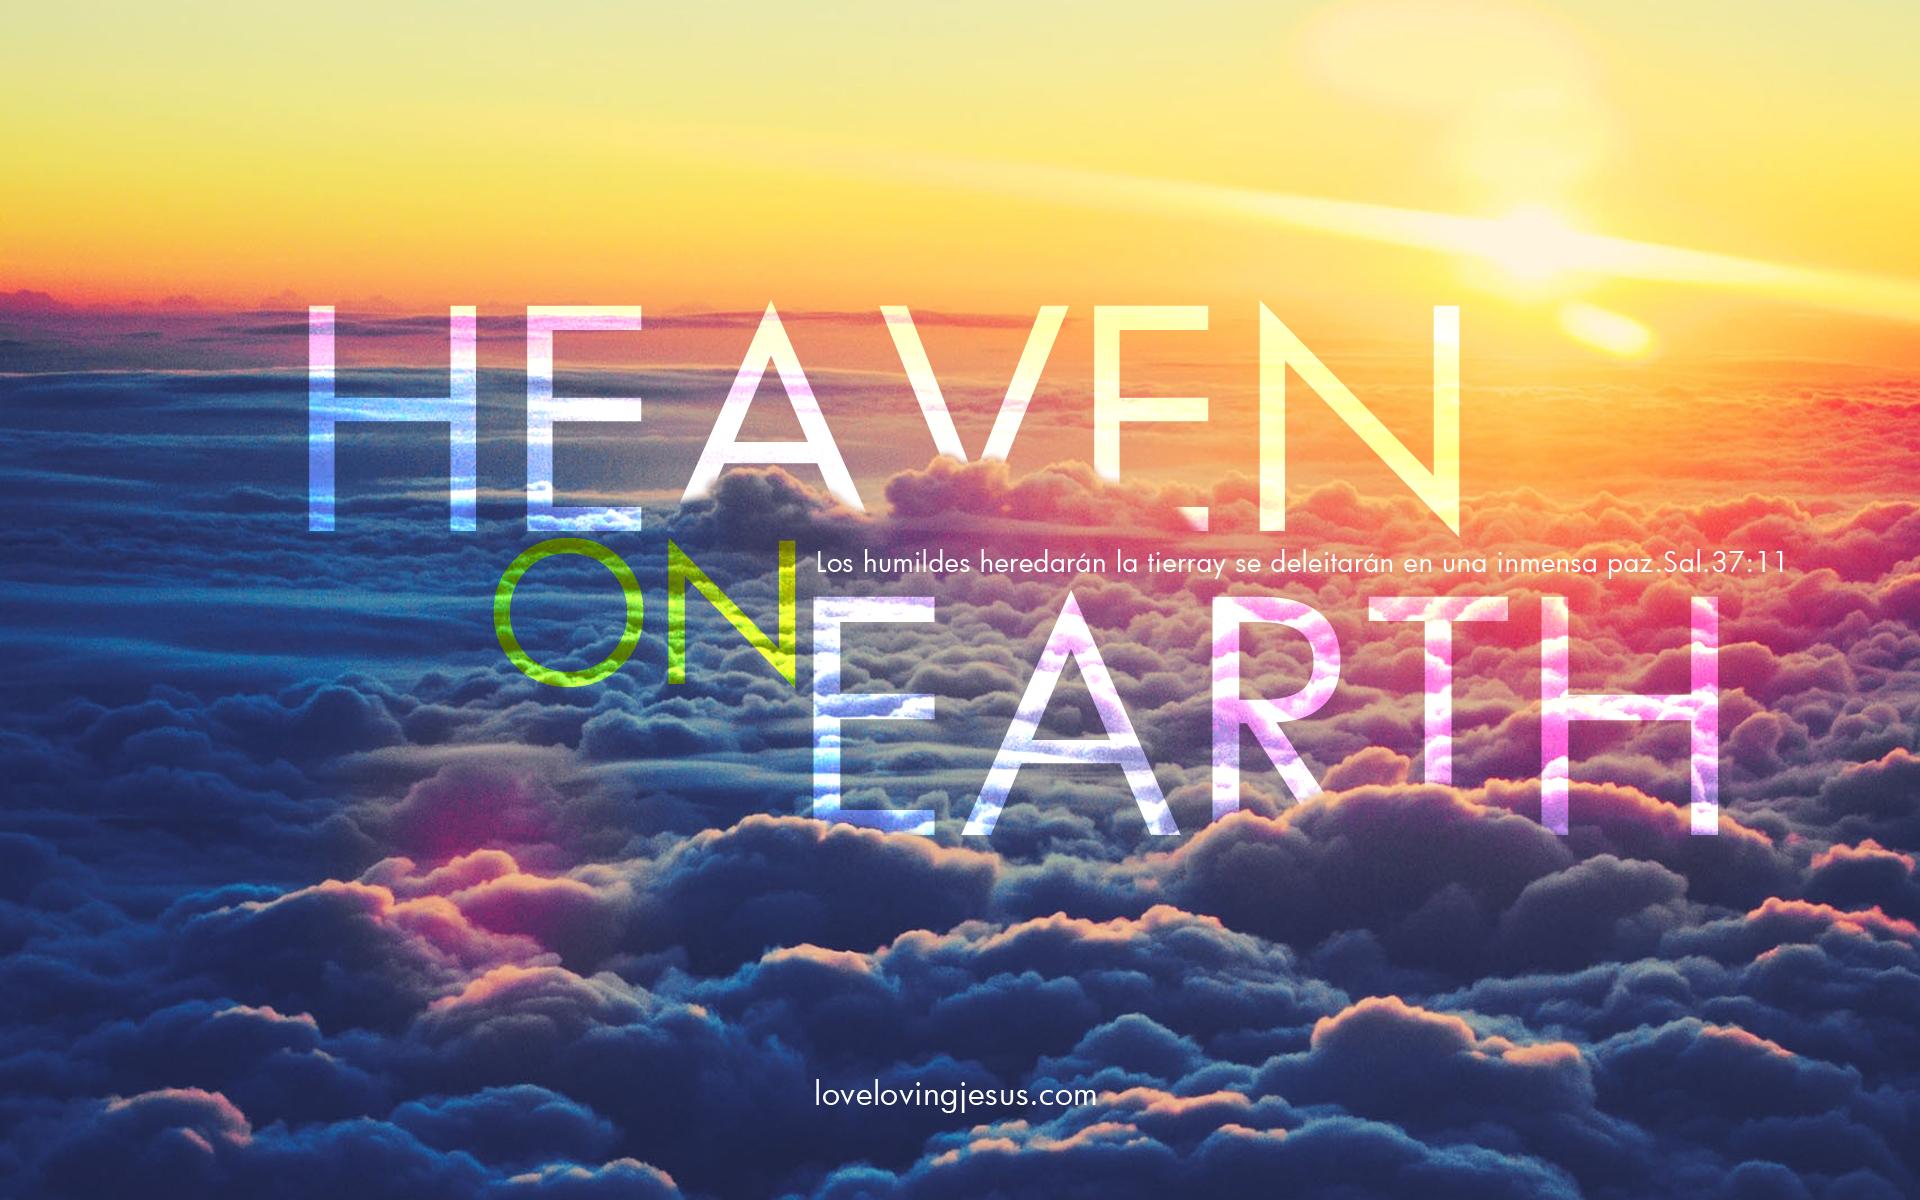 wallpaper20 heaven on earth 1920x1200